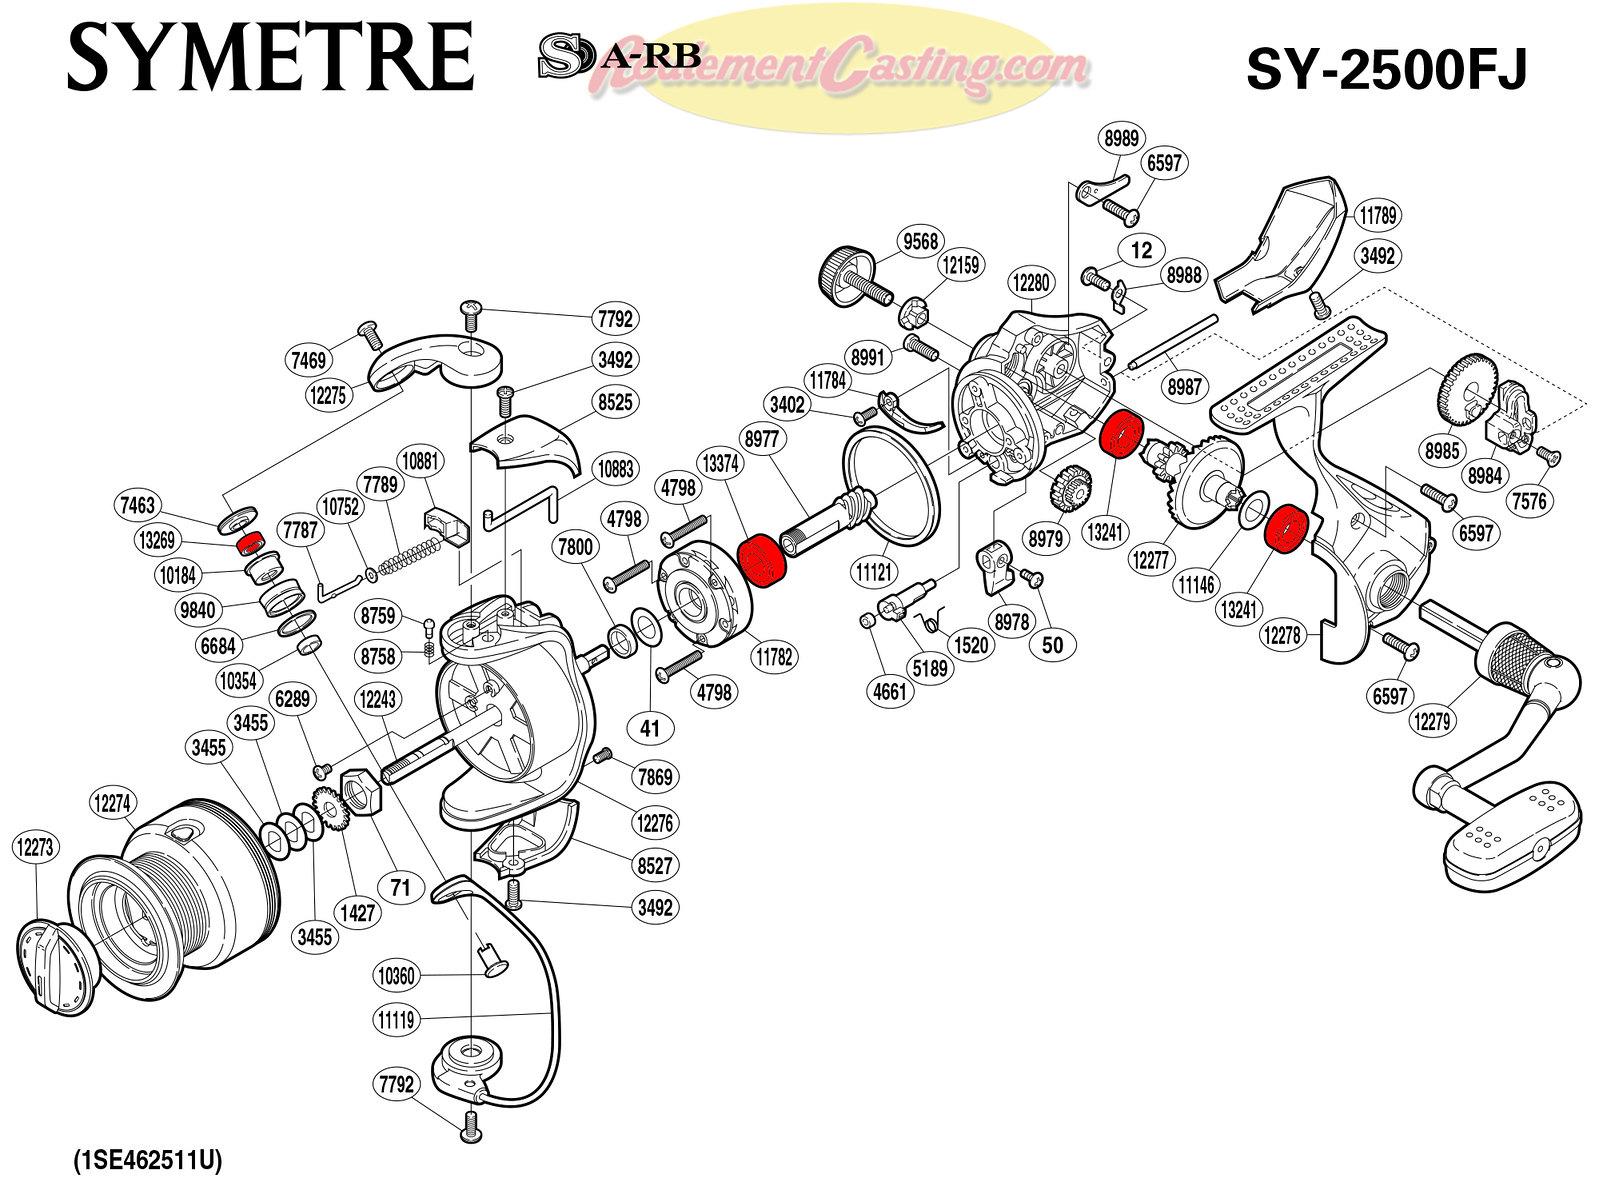 Schema-Symetre-2500FJ